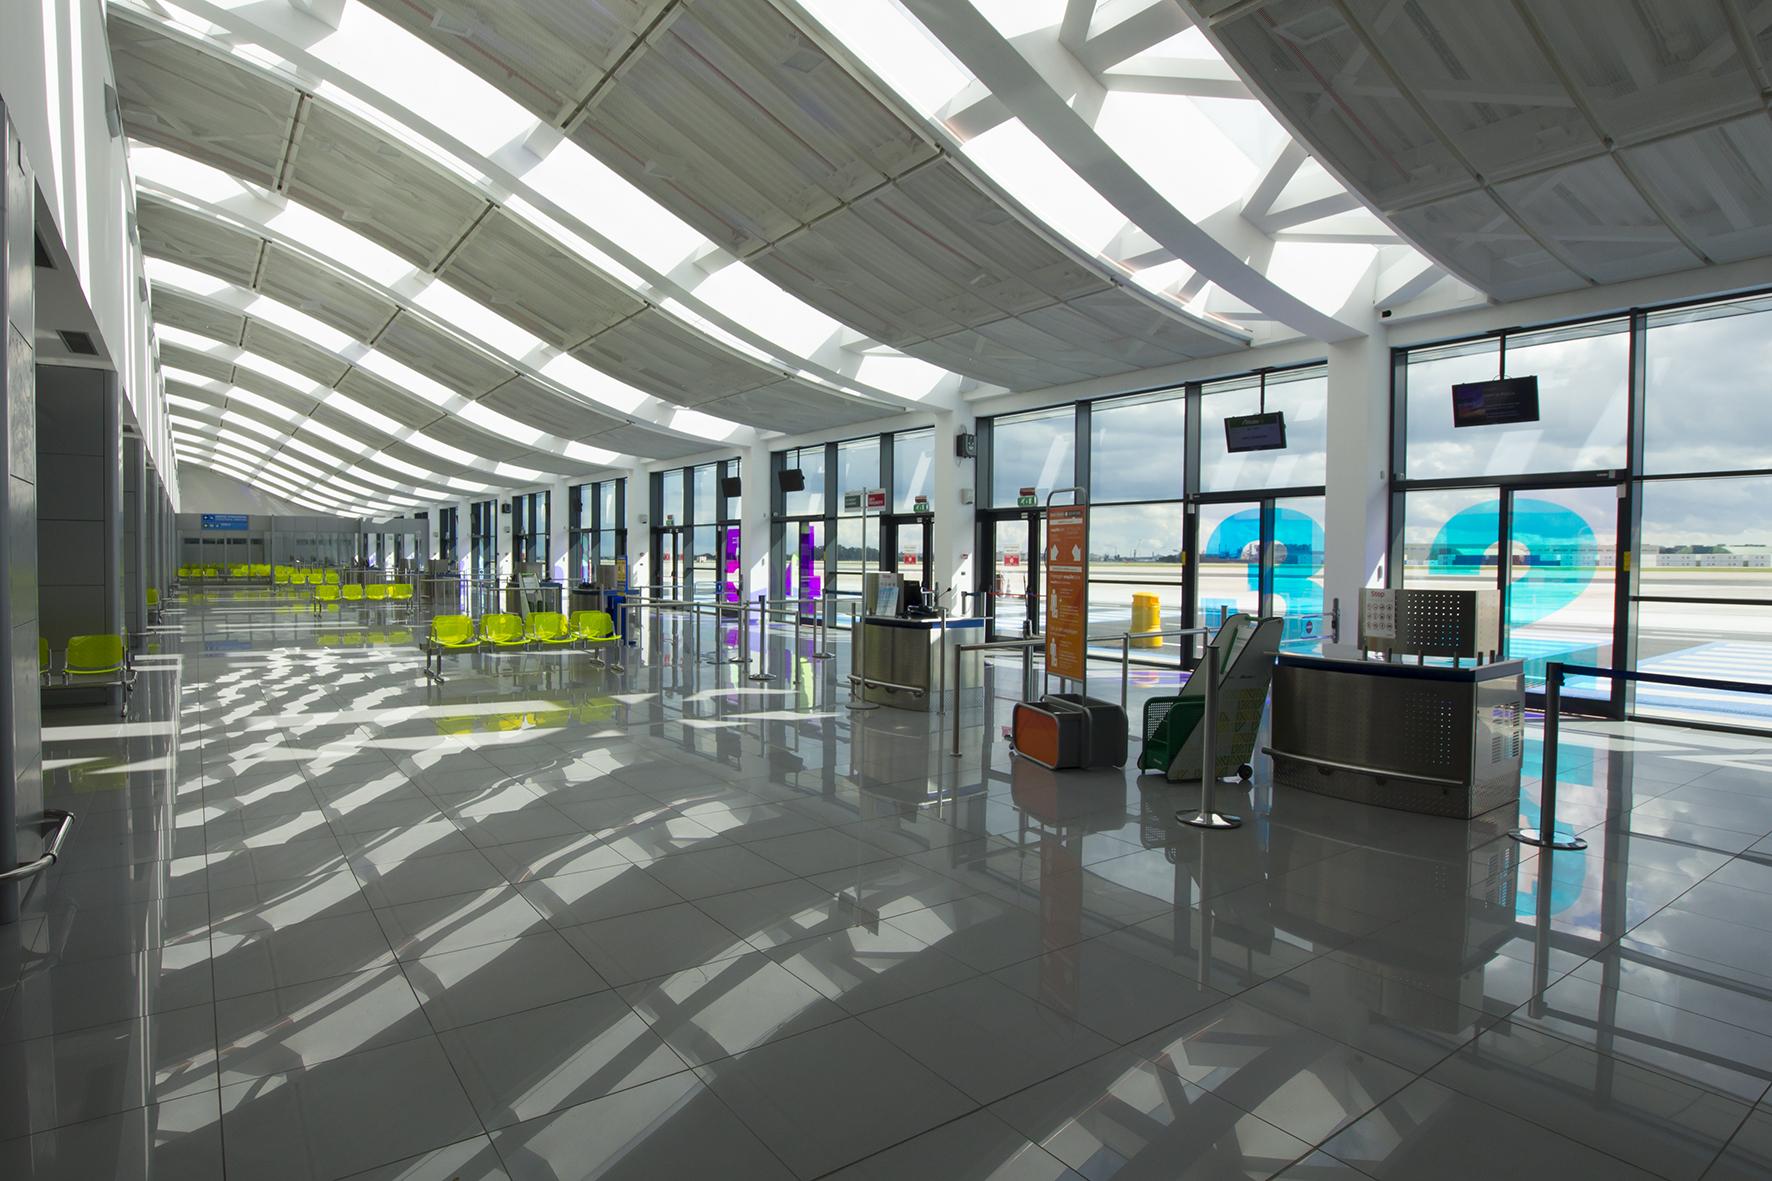 Aeroporto Bari : Chiude l aeroporto di bari voli spostati a brindisi tariffe